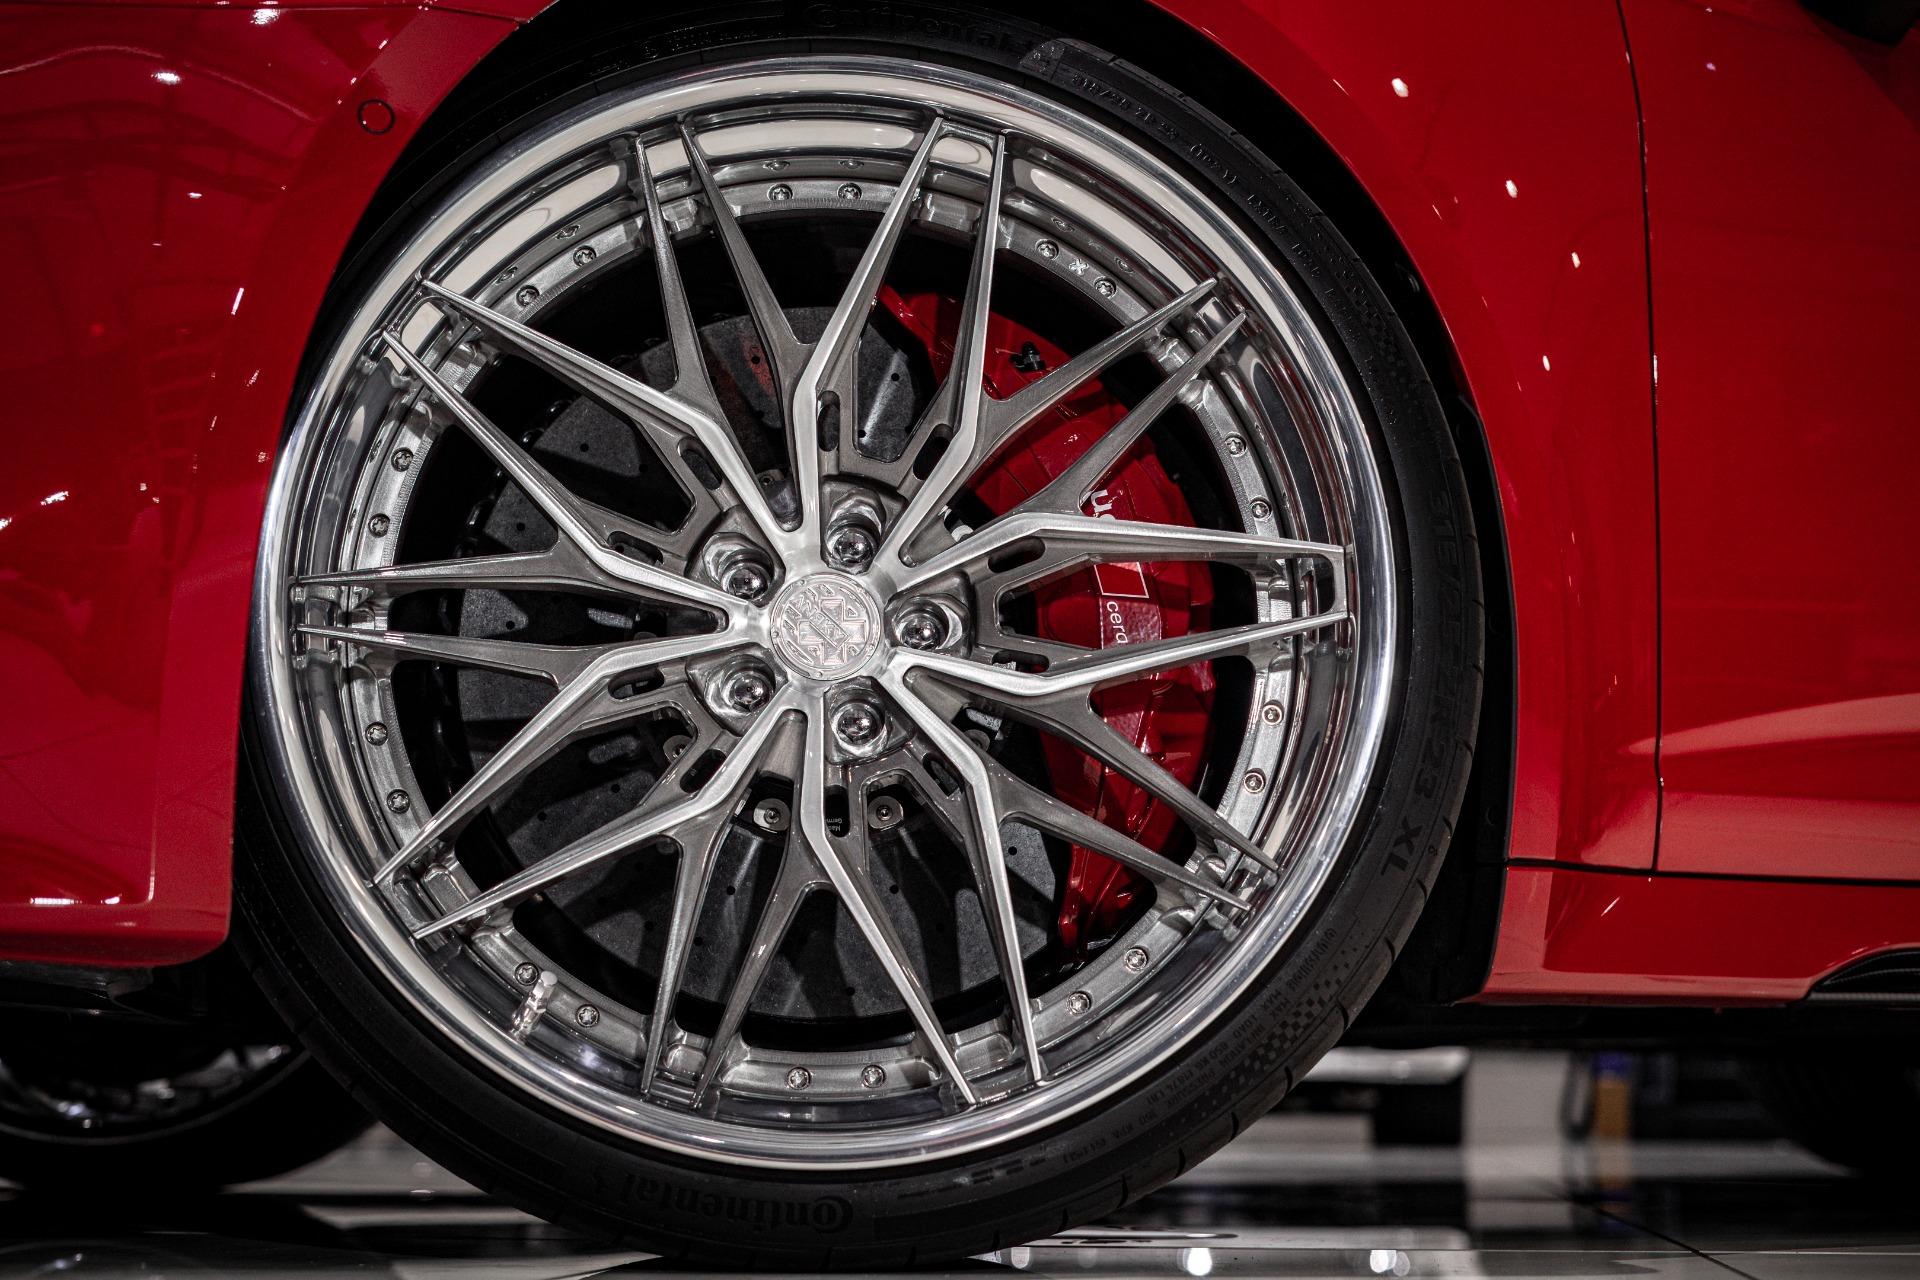 Used-2021-Audi-RS6-40T-quattro-Avant-CARBON-FIBER-PKG-CERAMIC-BRAKES-DME-STAGE-2IPE-DOWNPIPE